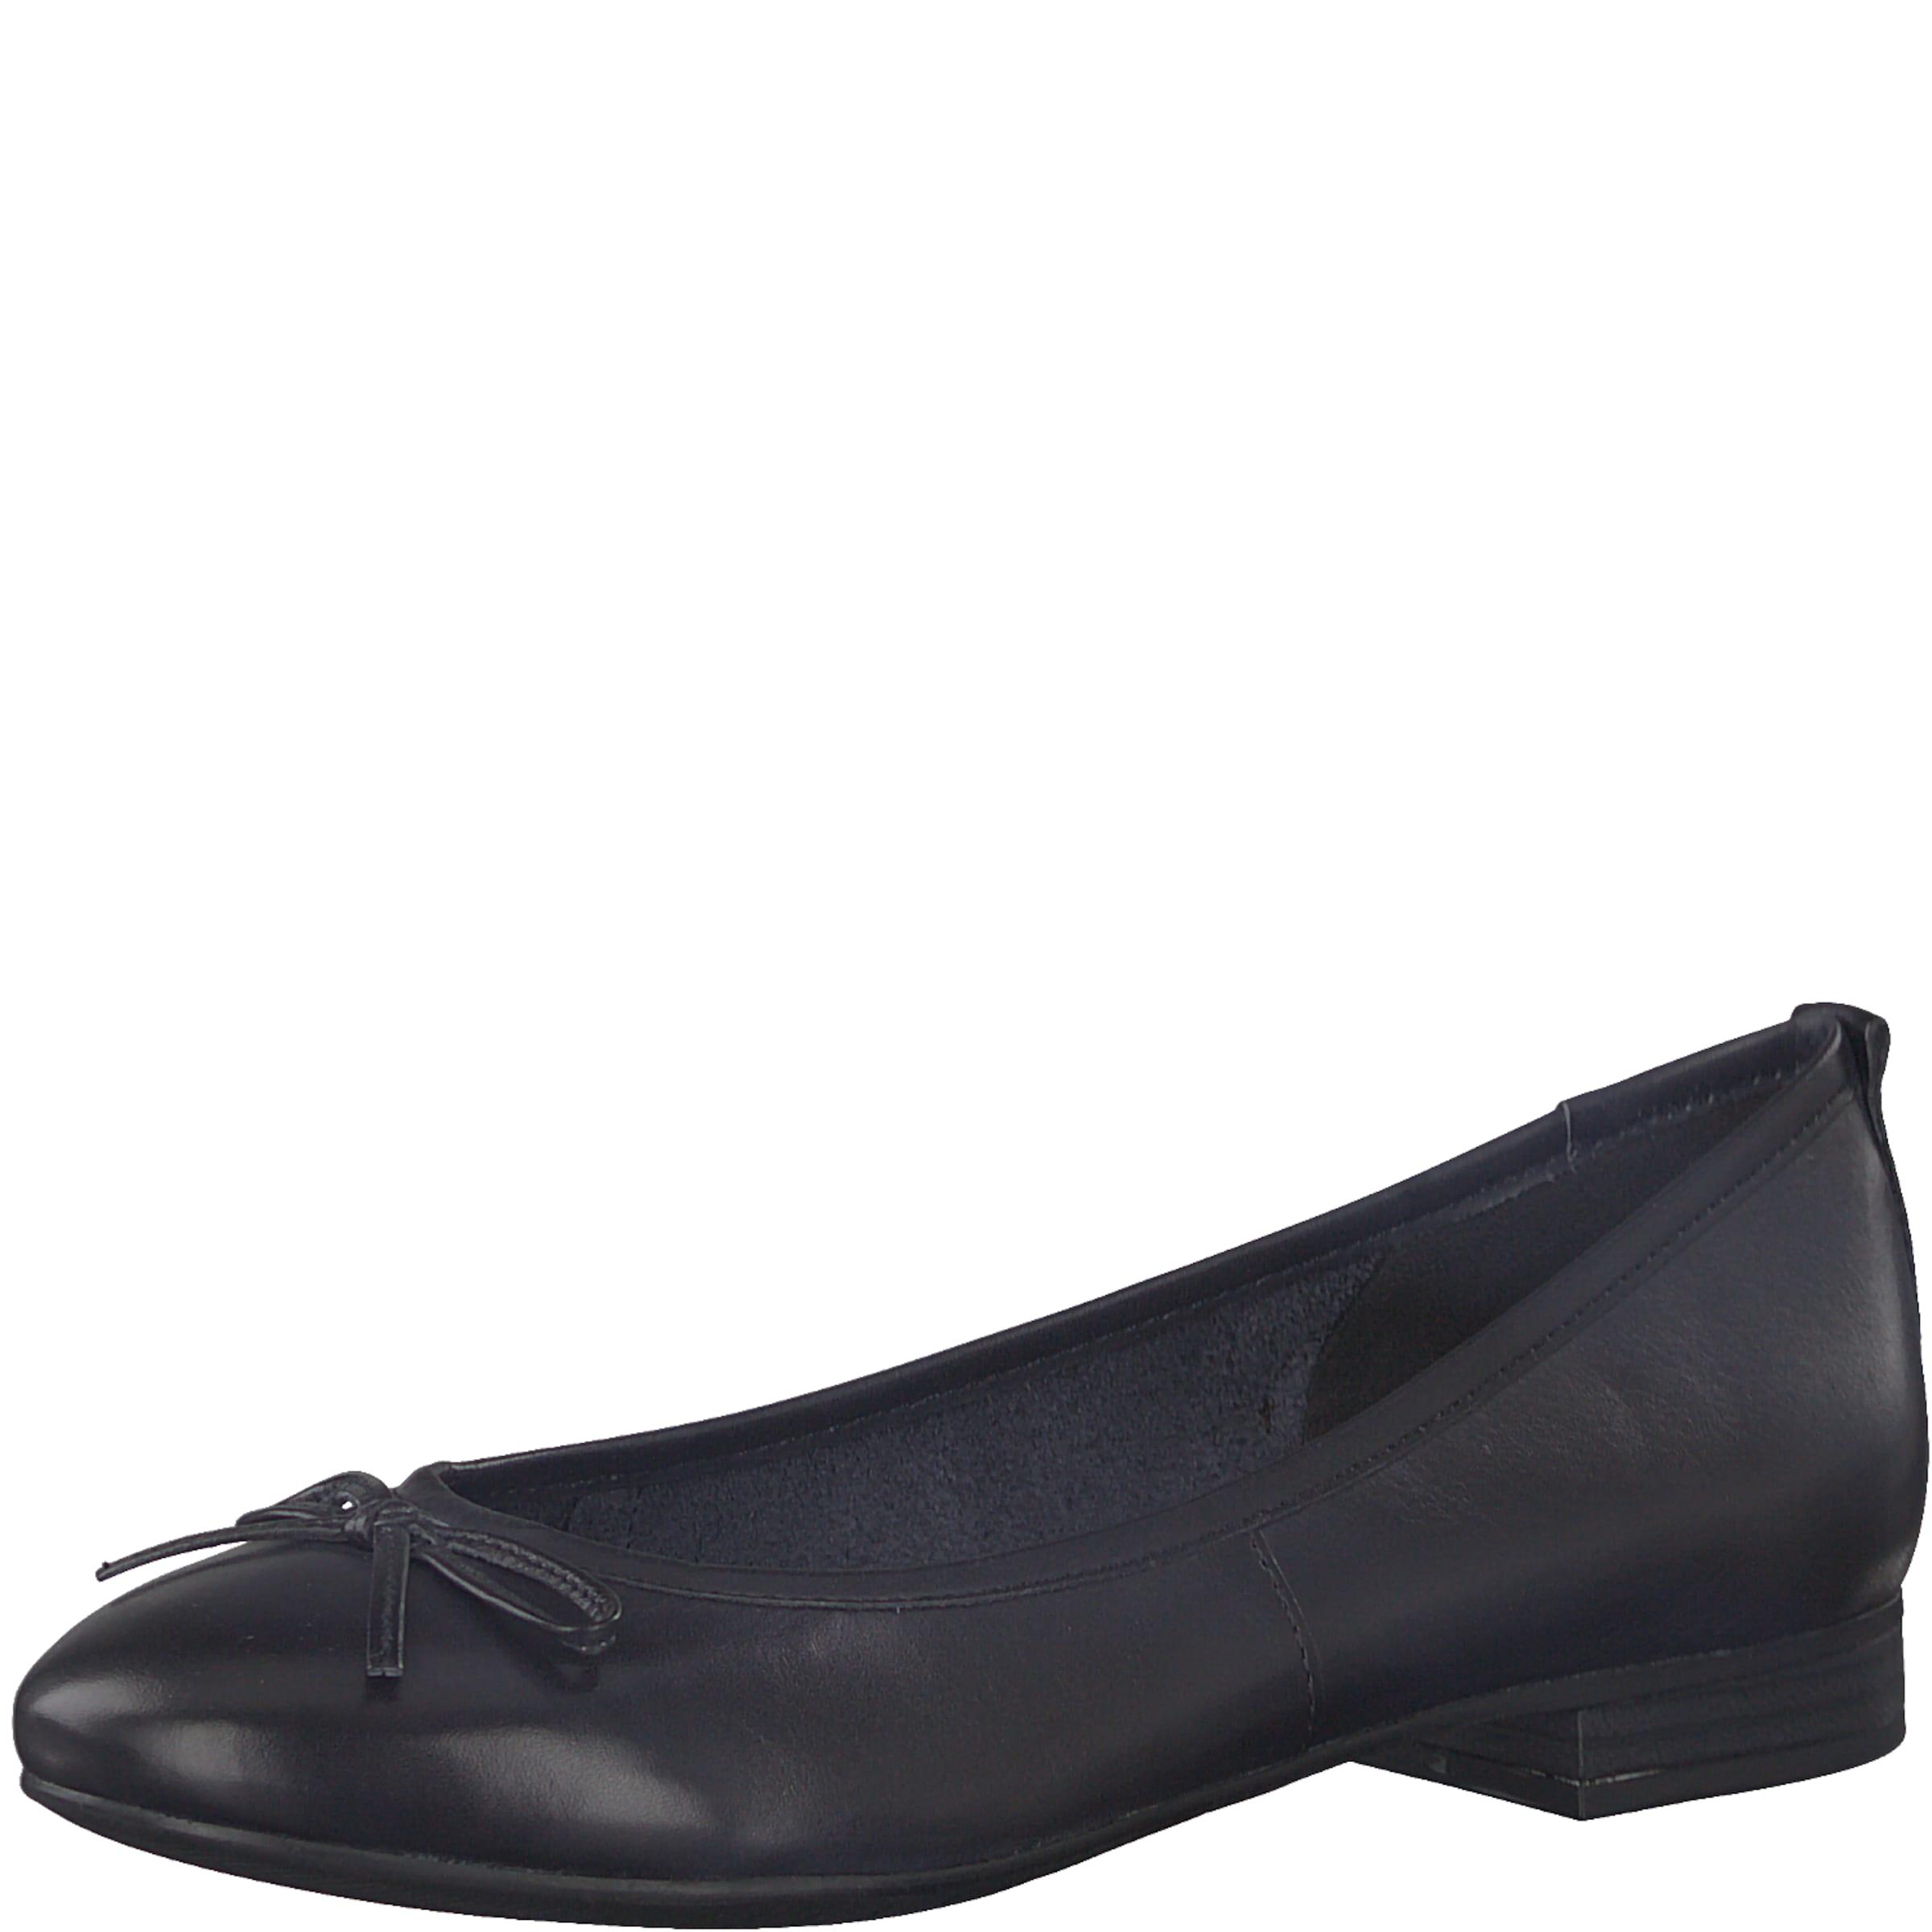 Haltbare Mode billige Schuhe TAMARIS   Ballerina mit Schleife Schuhe Gut getragene Schuhe